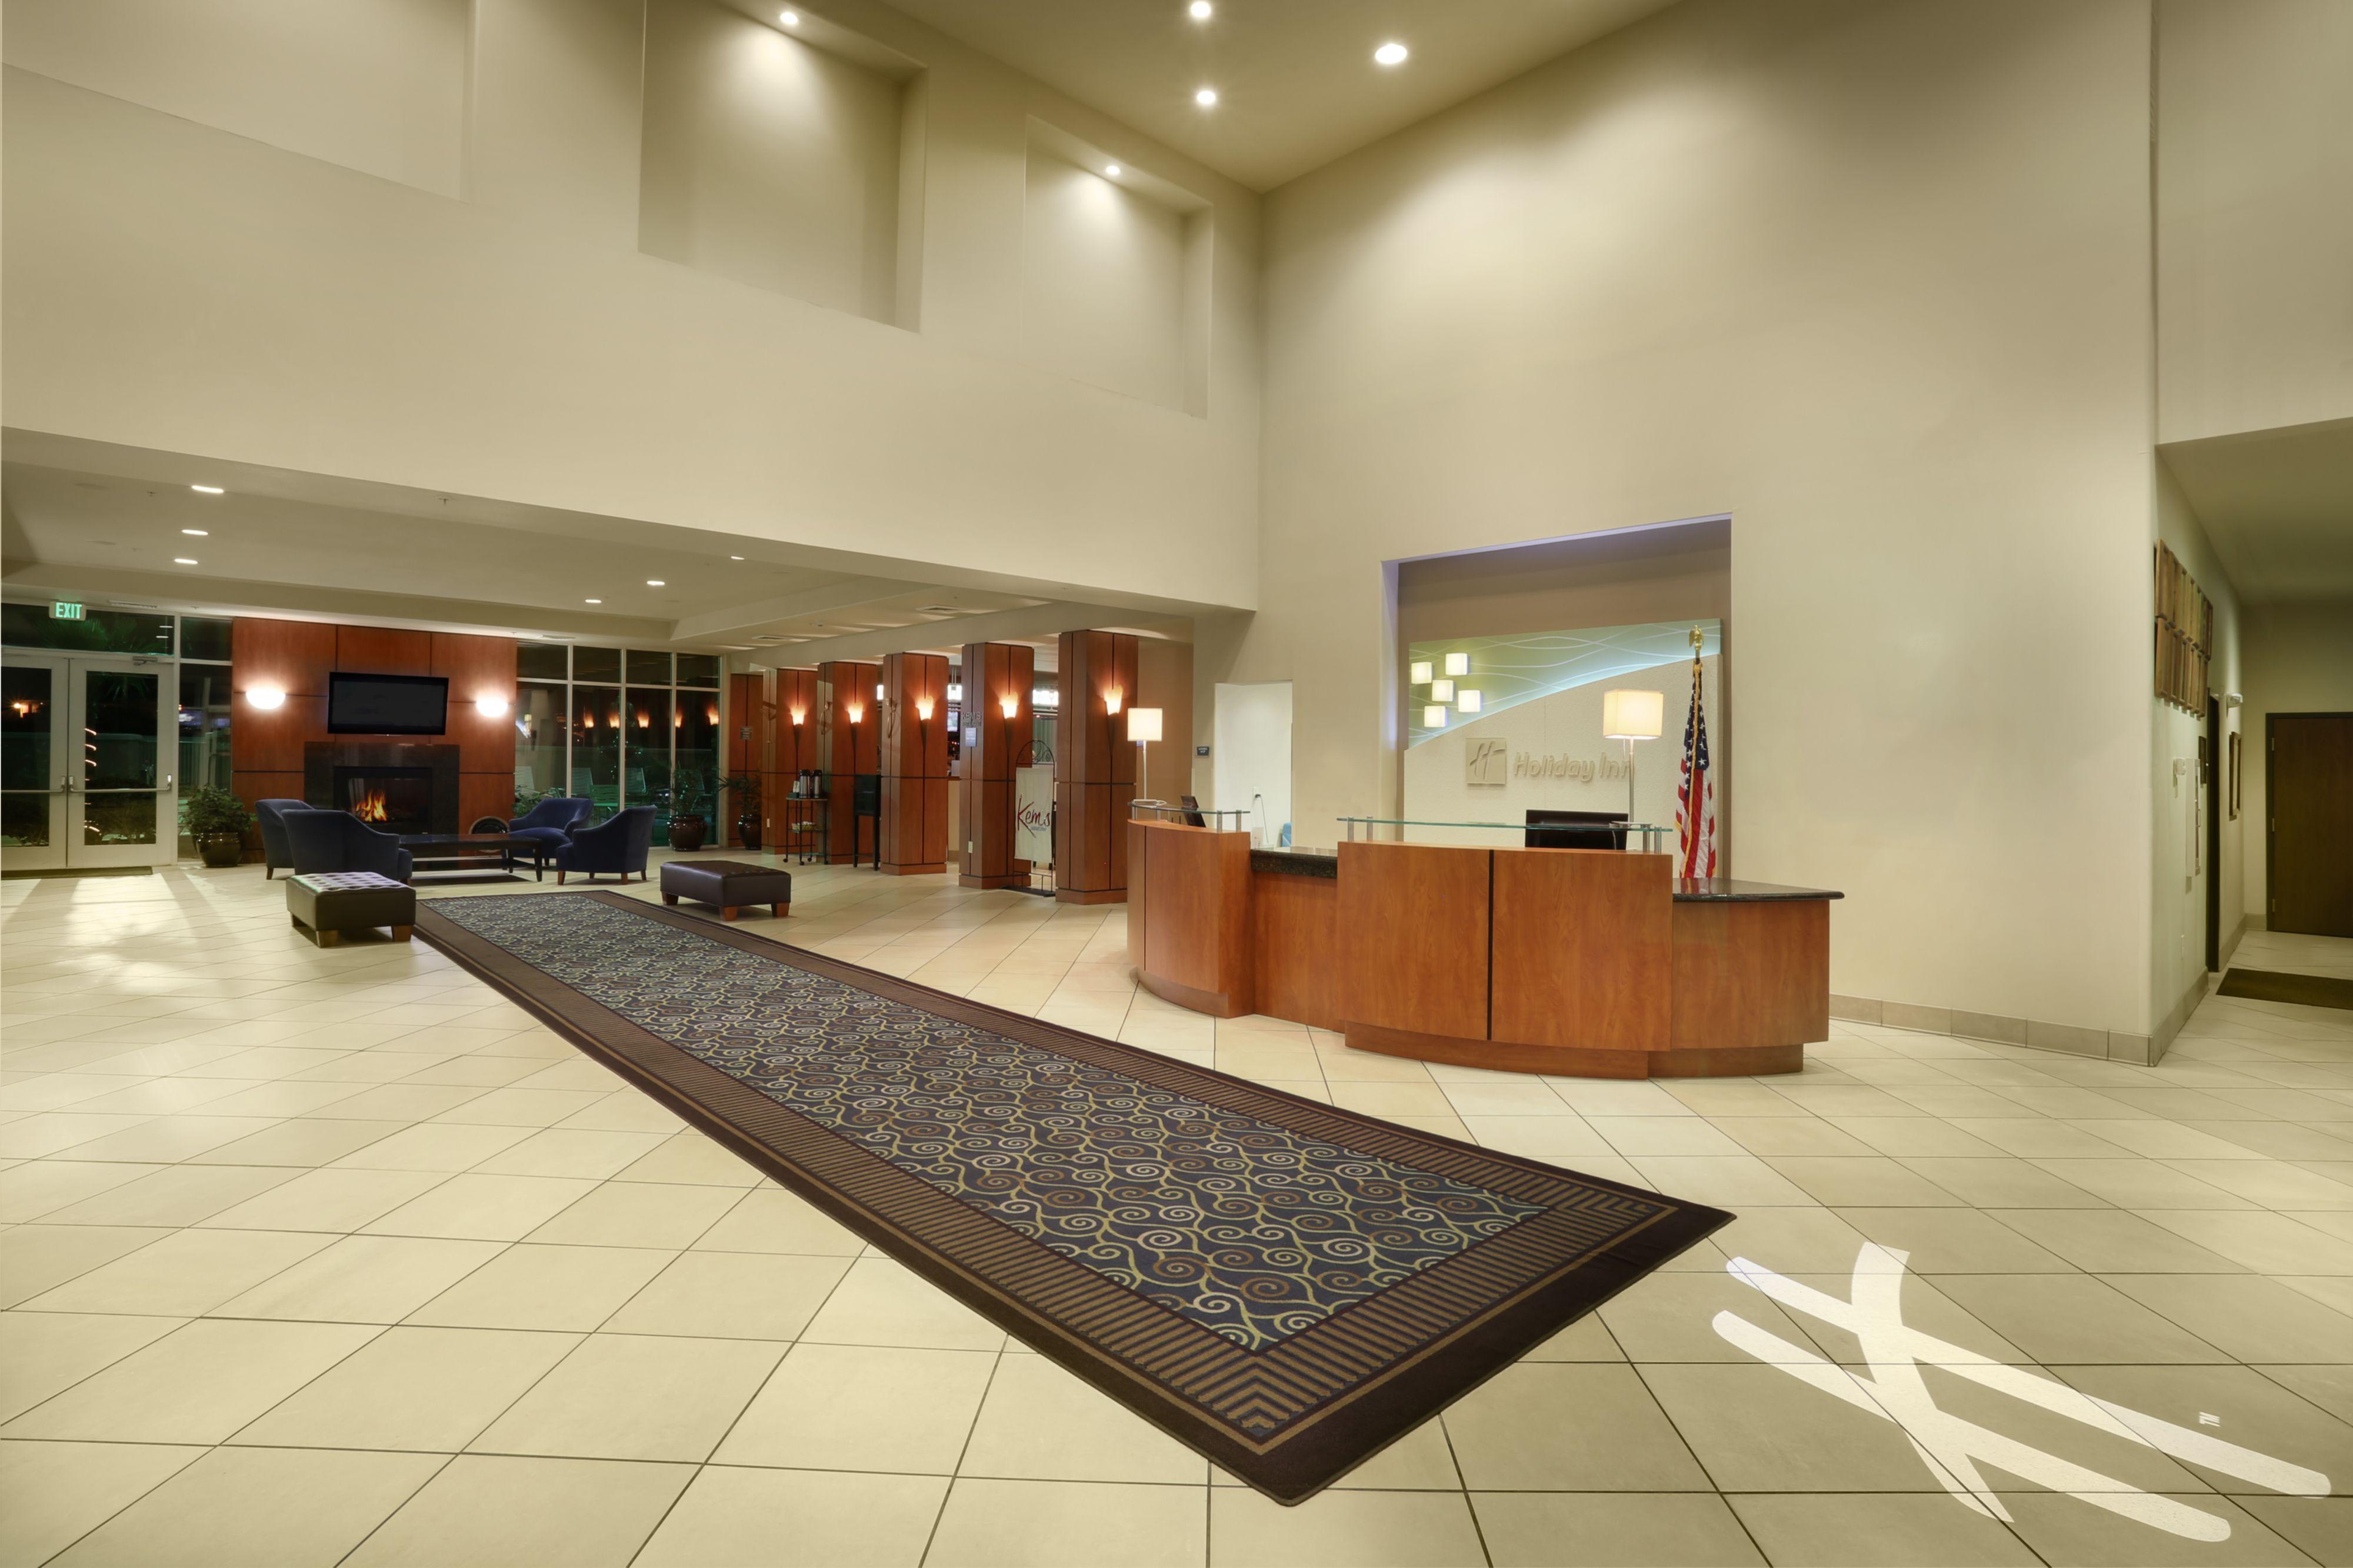 Holiday Inn Yuma image 3